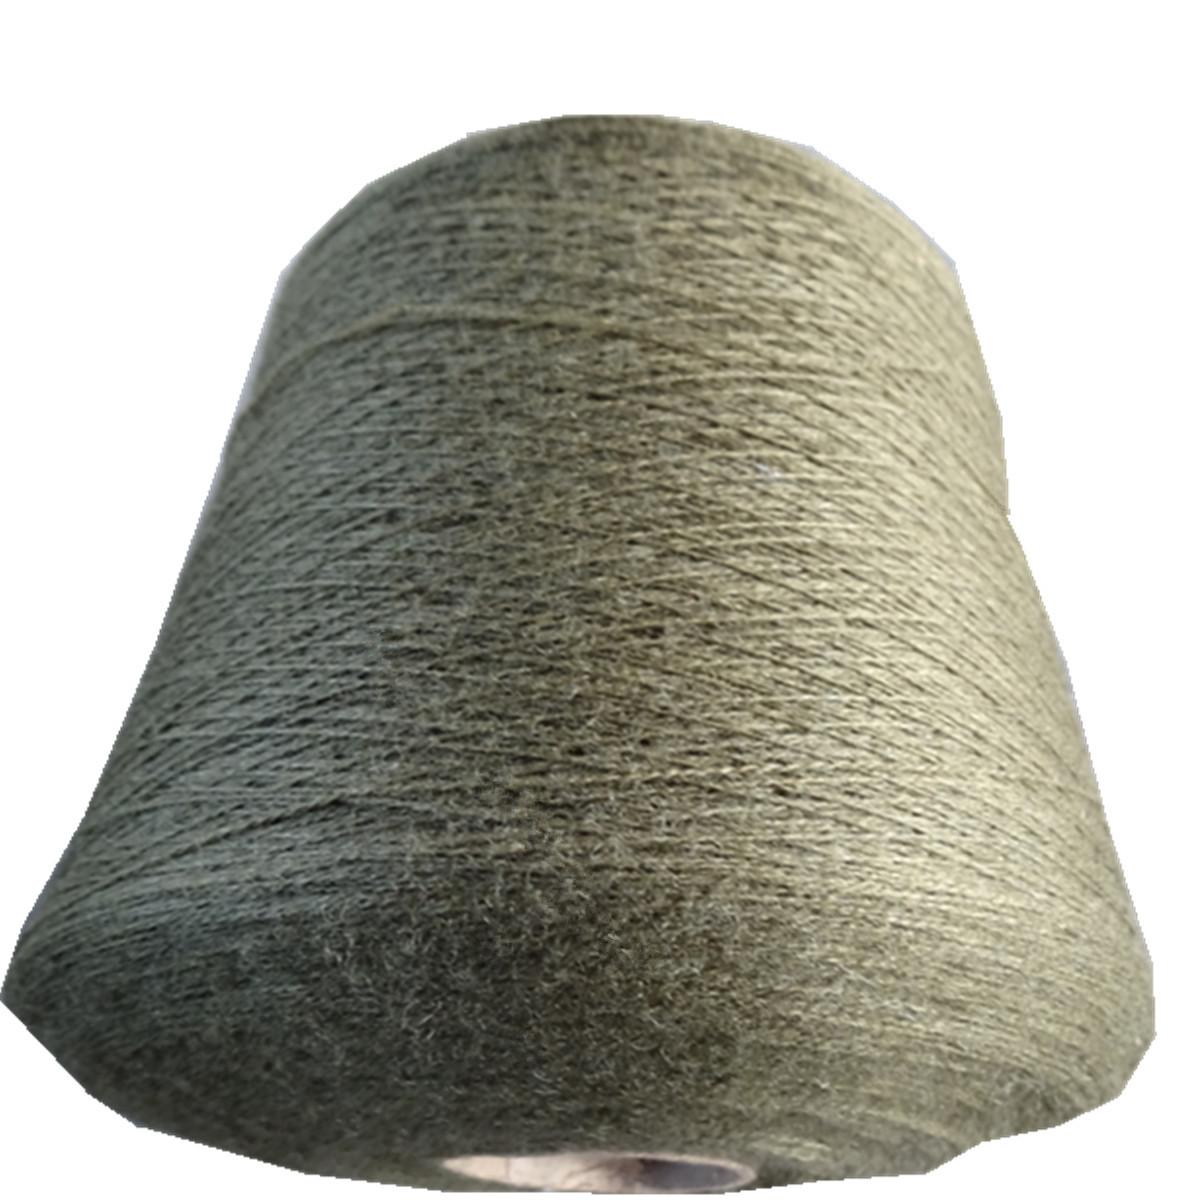 Nhà máy trực tiếp chất lượng cao len nitrile pha trộn sợi 28NM80% W20% Một sợi pha trộn